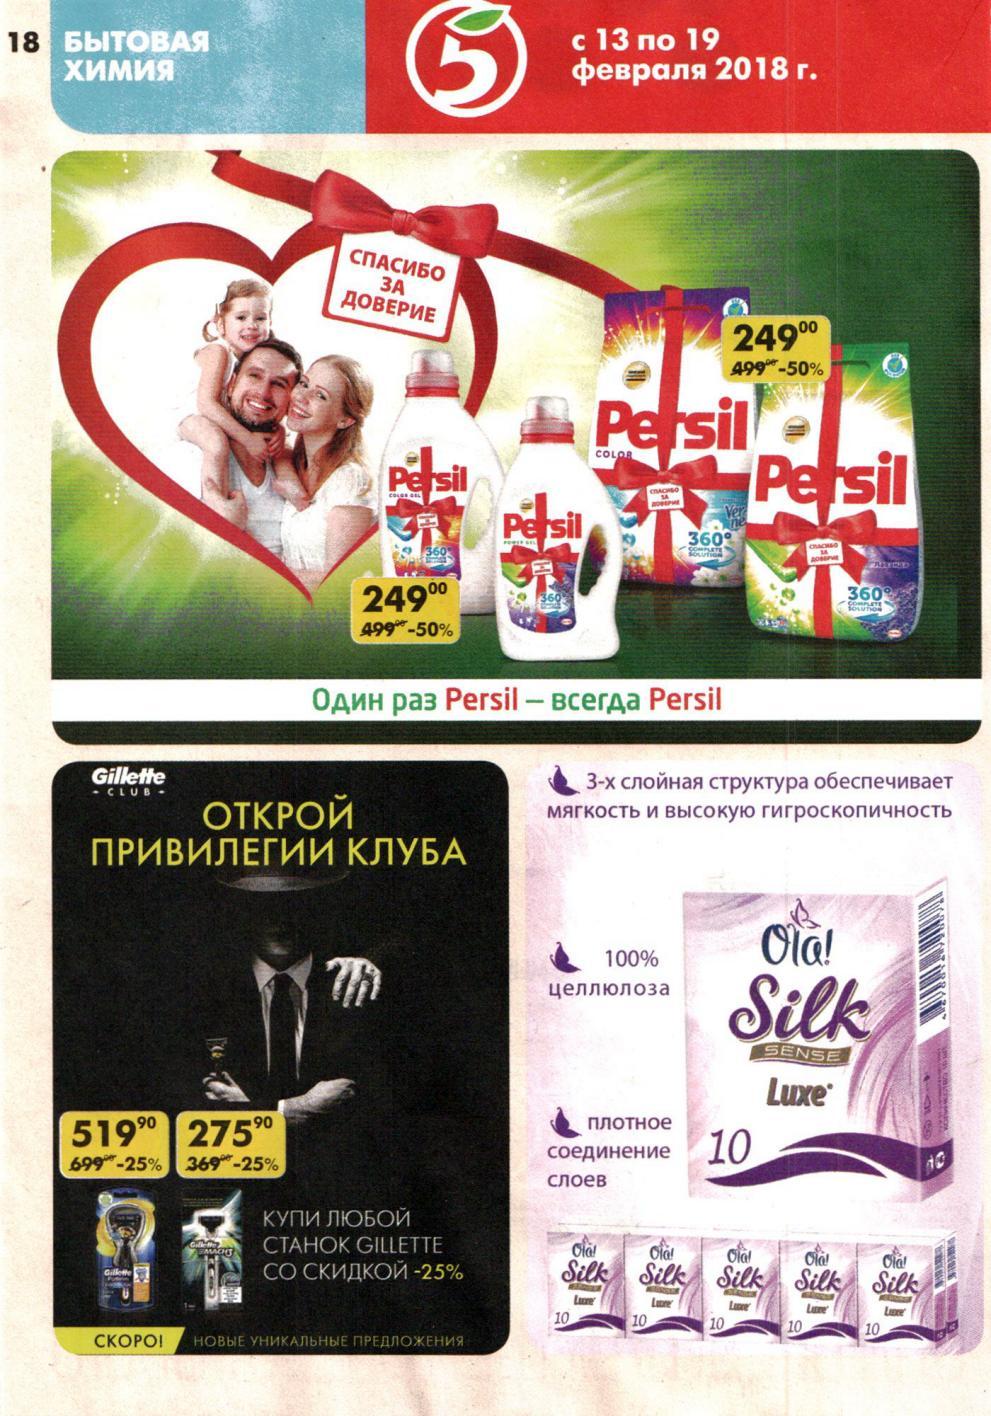 Акции в Пятёрочке с 13 по 19 февраля 2018 года